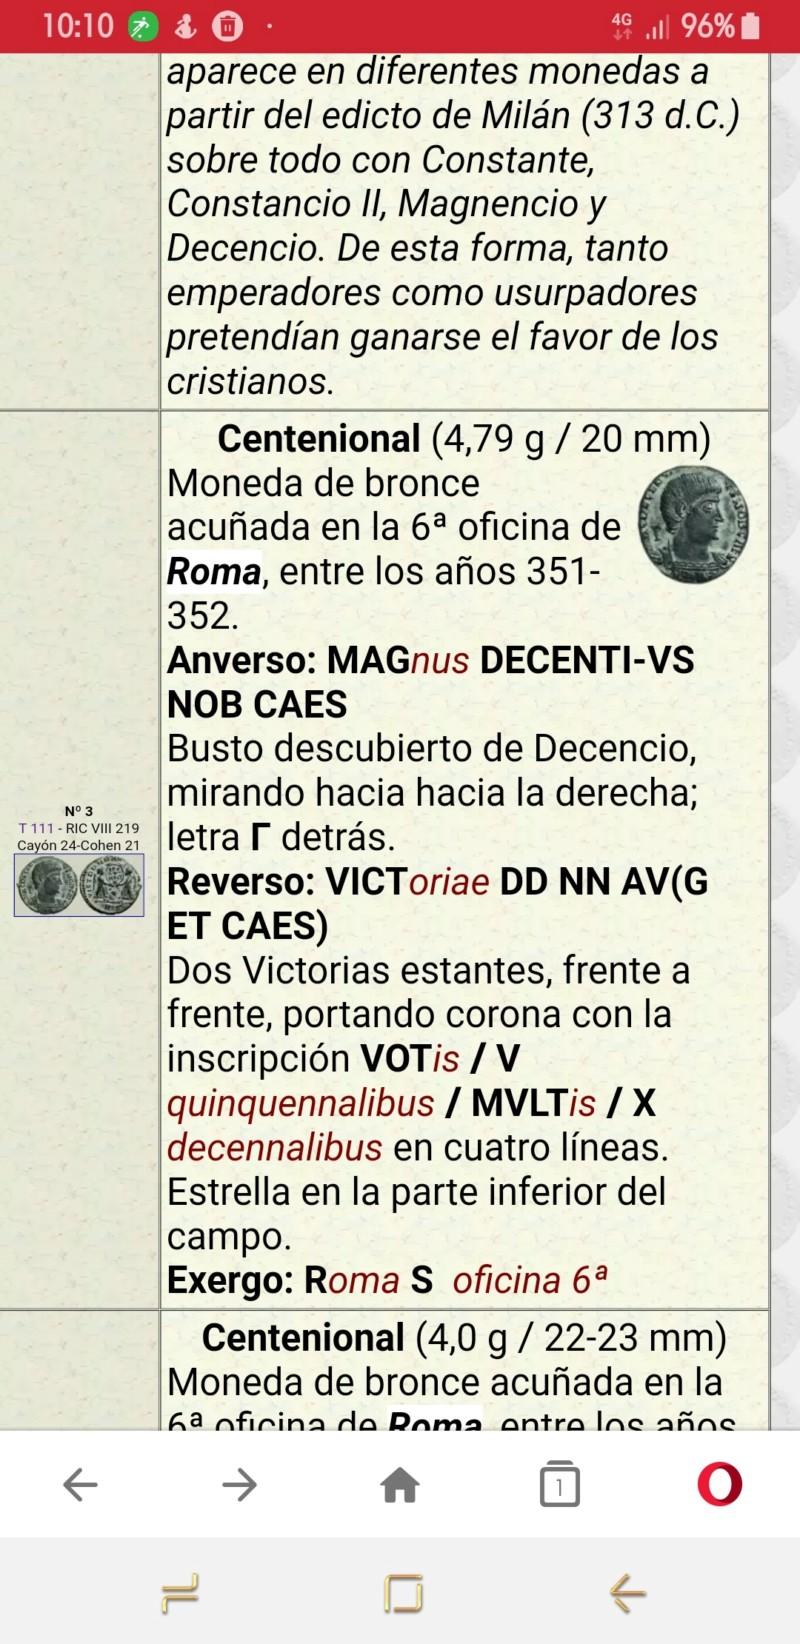 AE2 de Decencio. VIT DD NN AVG ET CAES. Roma 20190327